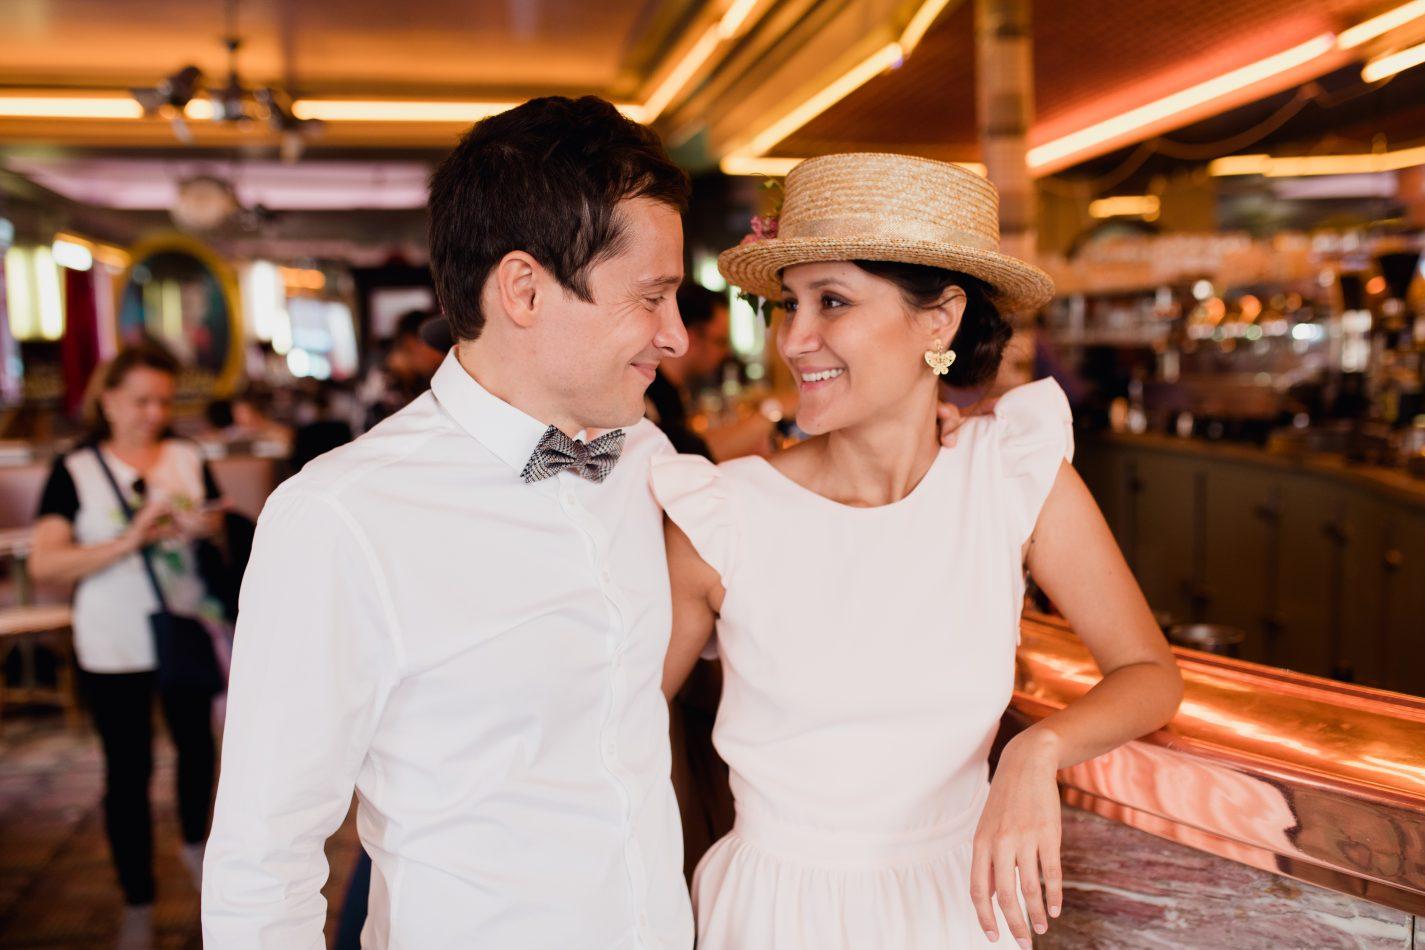 Séance Couple dans le bar d'Amélie Poulain